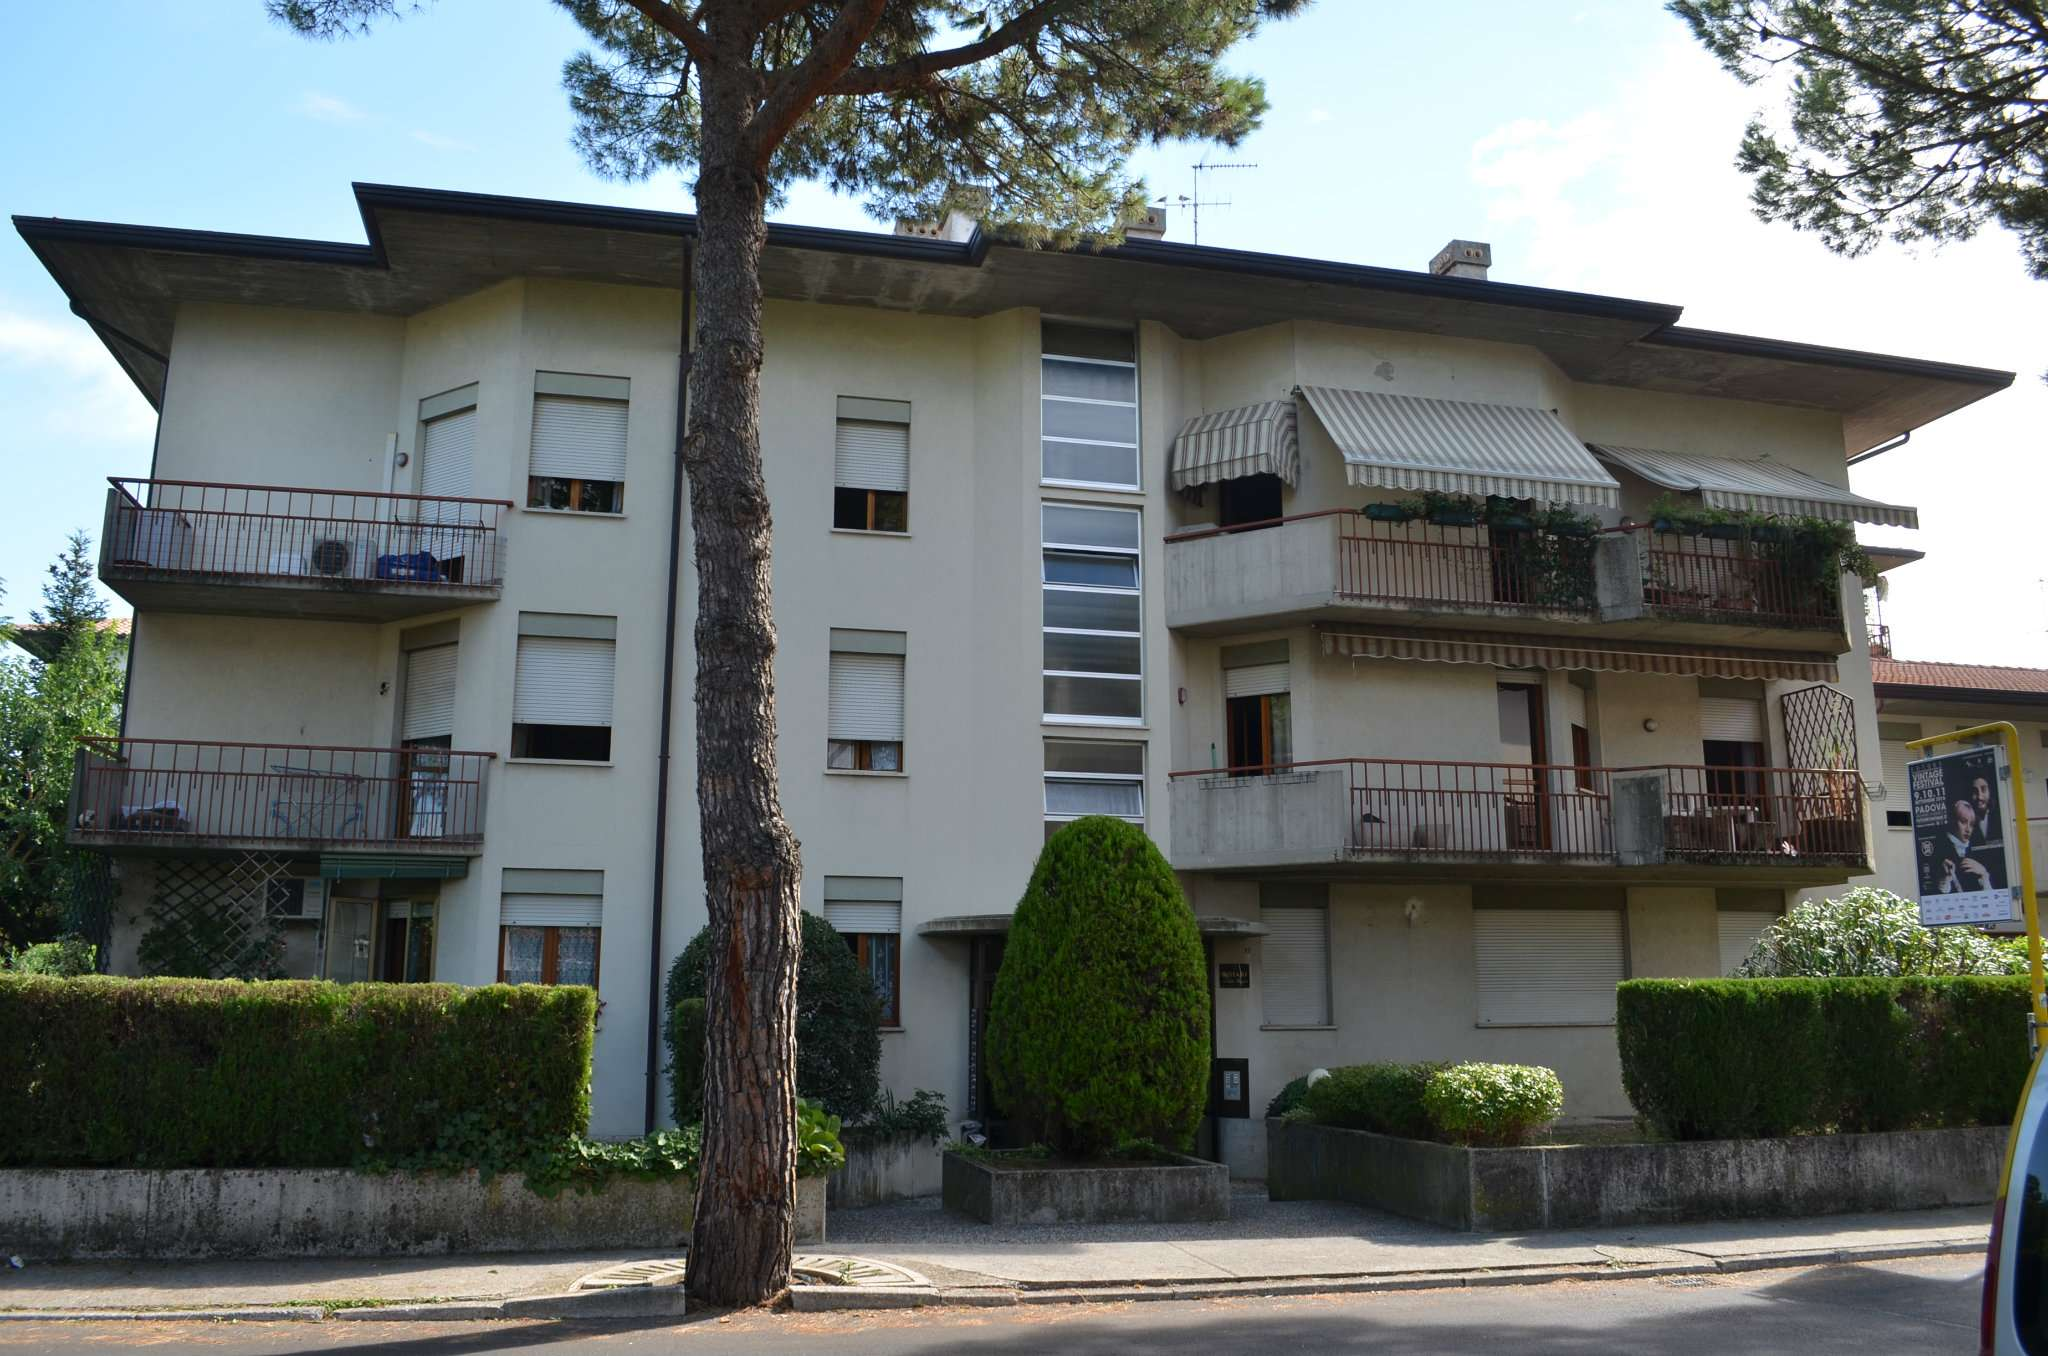 Appartamento in vendita a Bassano del Grappa, 5 locali, prezzo € 100.000 | Cambio Casa.it